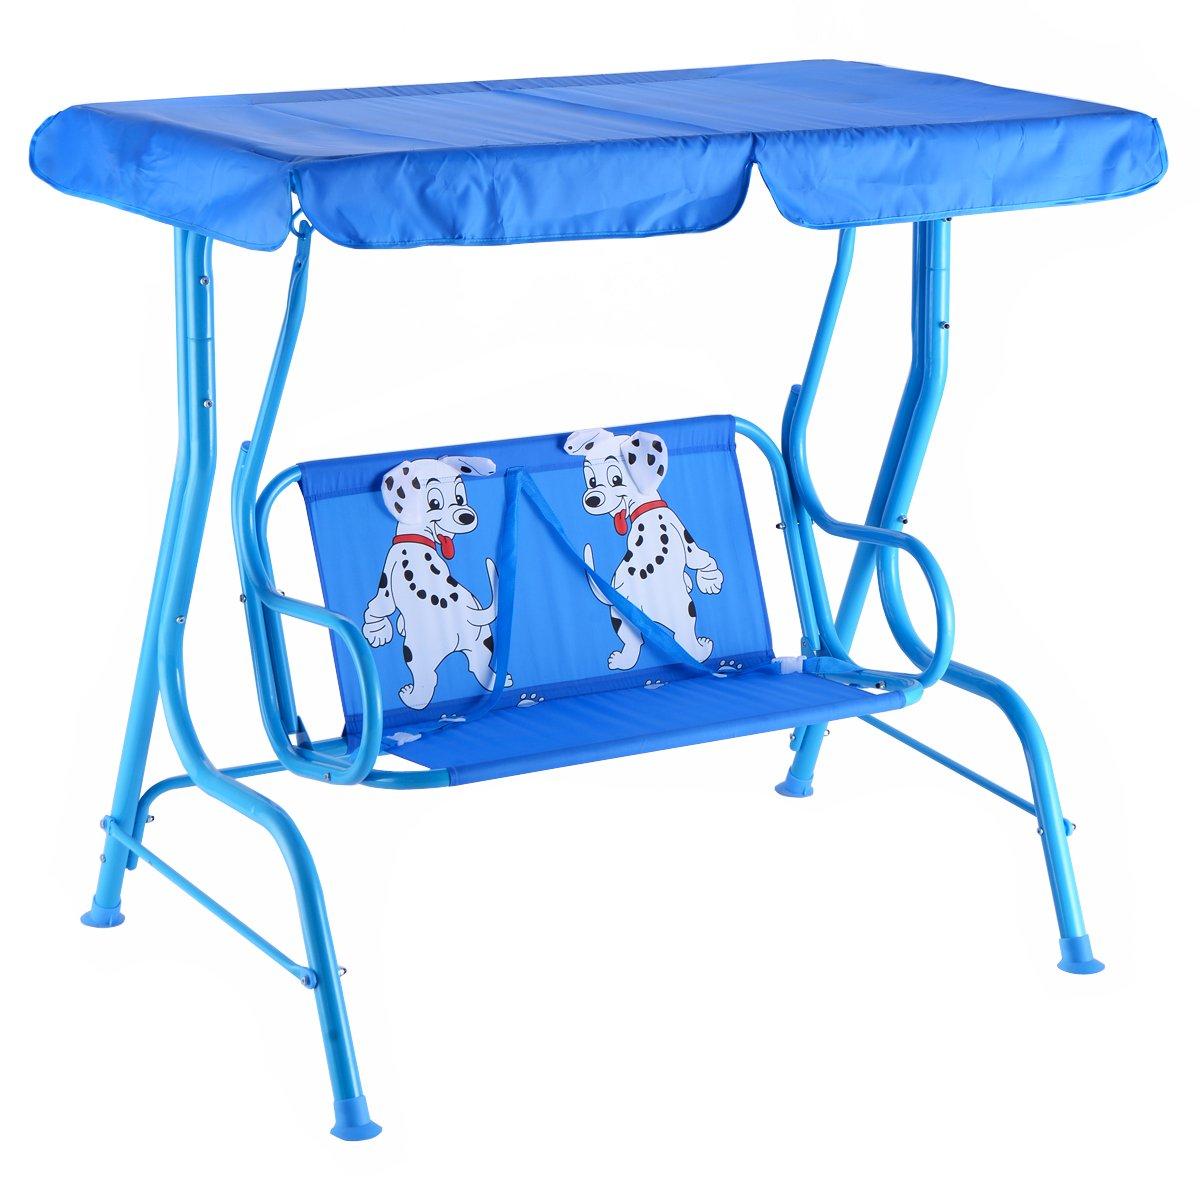 COSTWAY Kinder Hollywoodschaukel Kinderschaukel Gartenschaukel Garten Schaukel Gartenliege Schaukelbank Gartenbank mit Sonnendach 2-Sitzer Blau